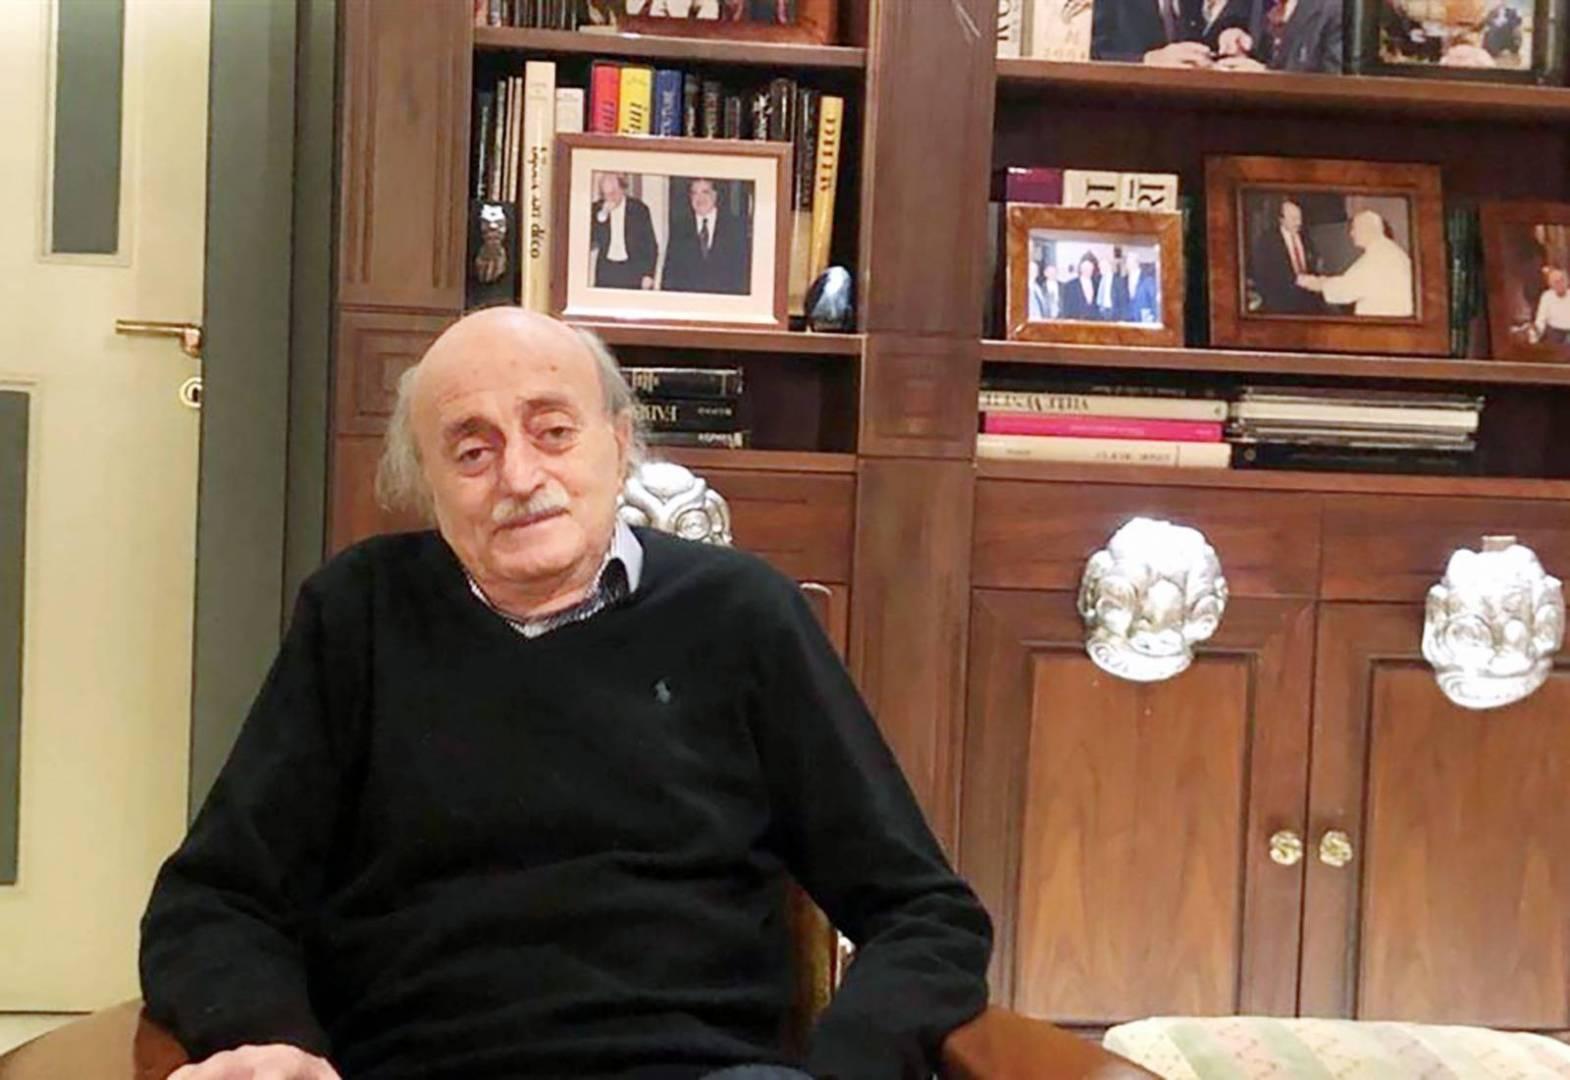 وليد جنبلاط يدعو عبر «القبس» إلى الاختيار: لبنان الحياد أو قاعدة صواريخ لإيران